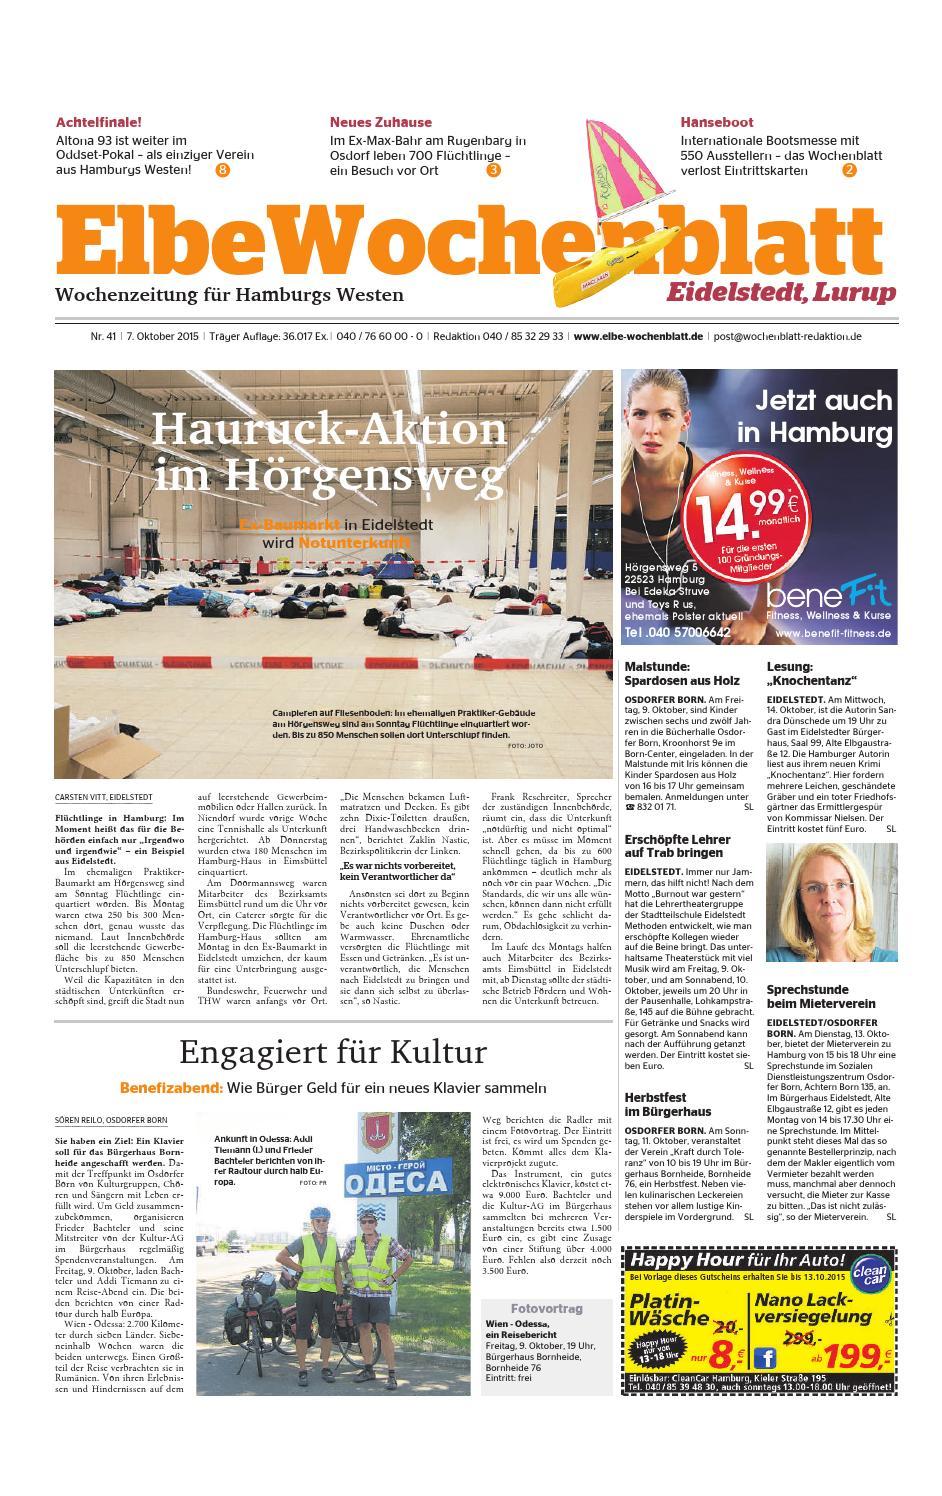 Eidelstedt Kw41-2015 By Elbe Wochenblatt Verlagsgesellschaft Mbh